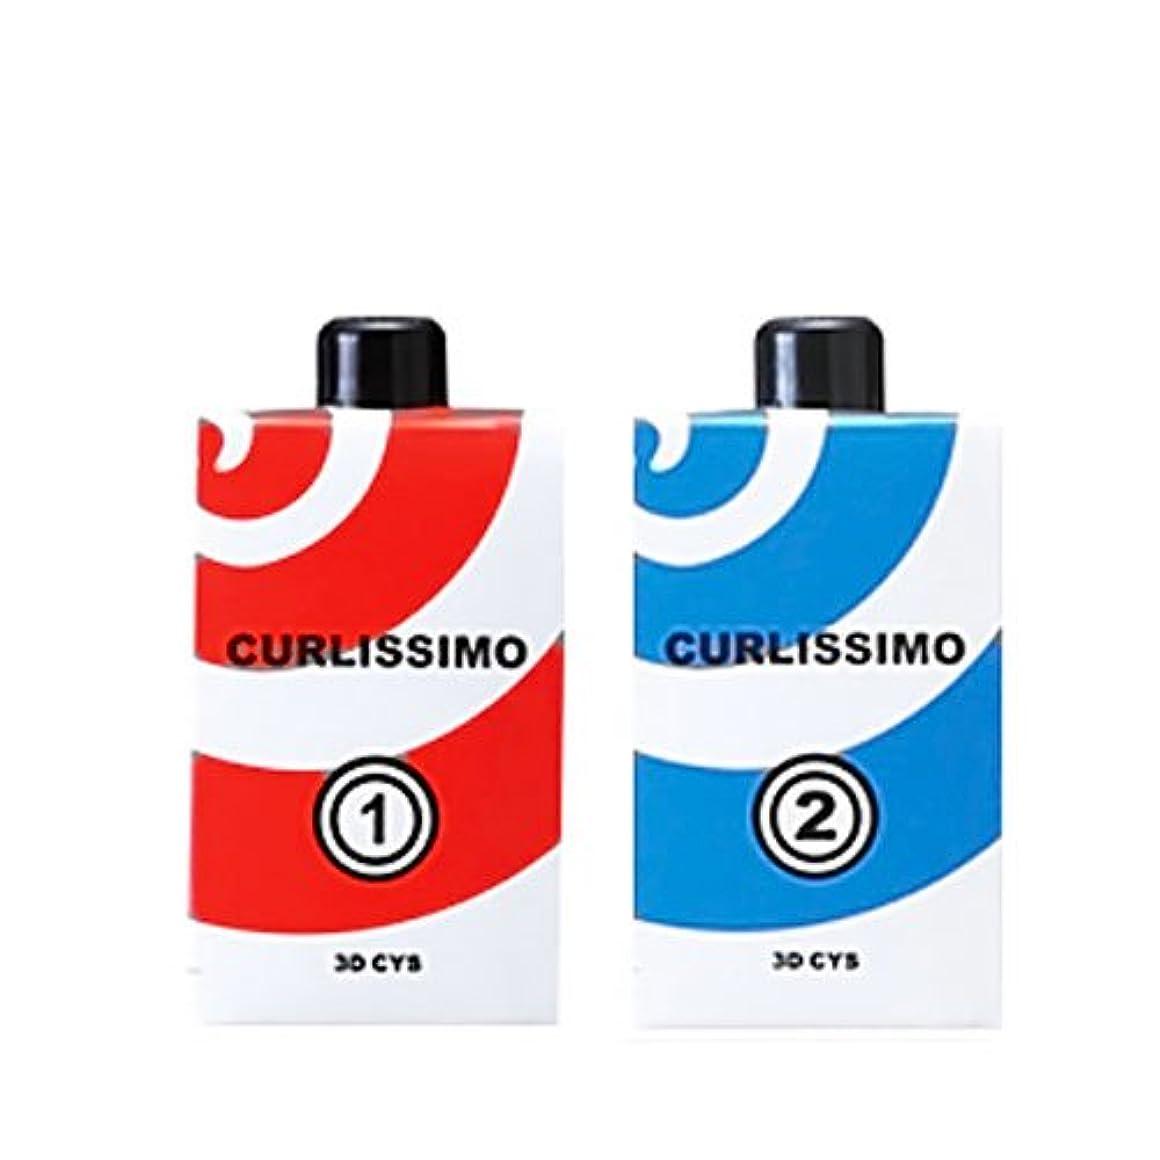 引く風酸素ムコタ カーリッシモ 3D CYS(システイン タイプ) 各400ml【パーマ液】【1剤?2剤】MUCOTA CURLISSIMO